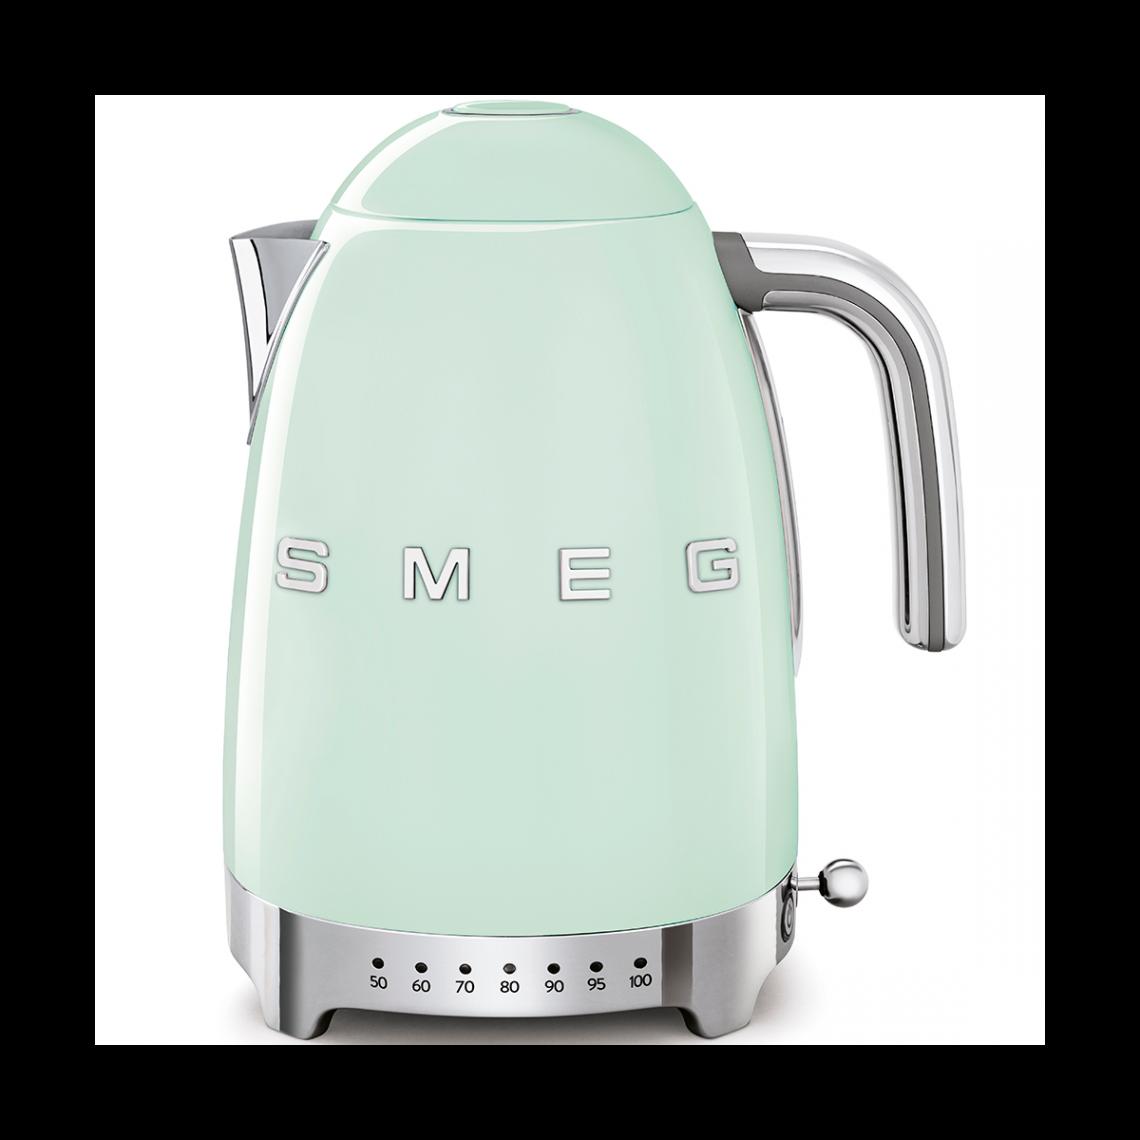 Smeg Bouilloire électrique Années 50 - KLF049GEU - Vert d'eau